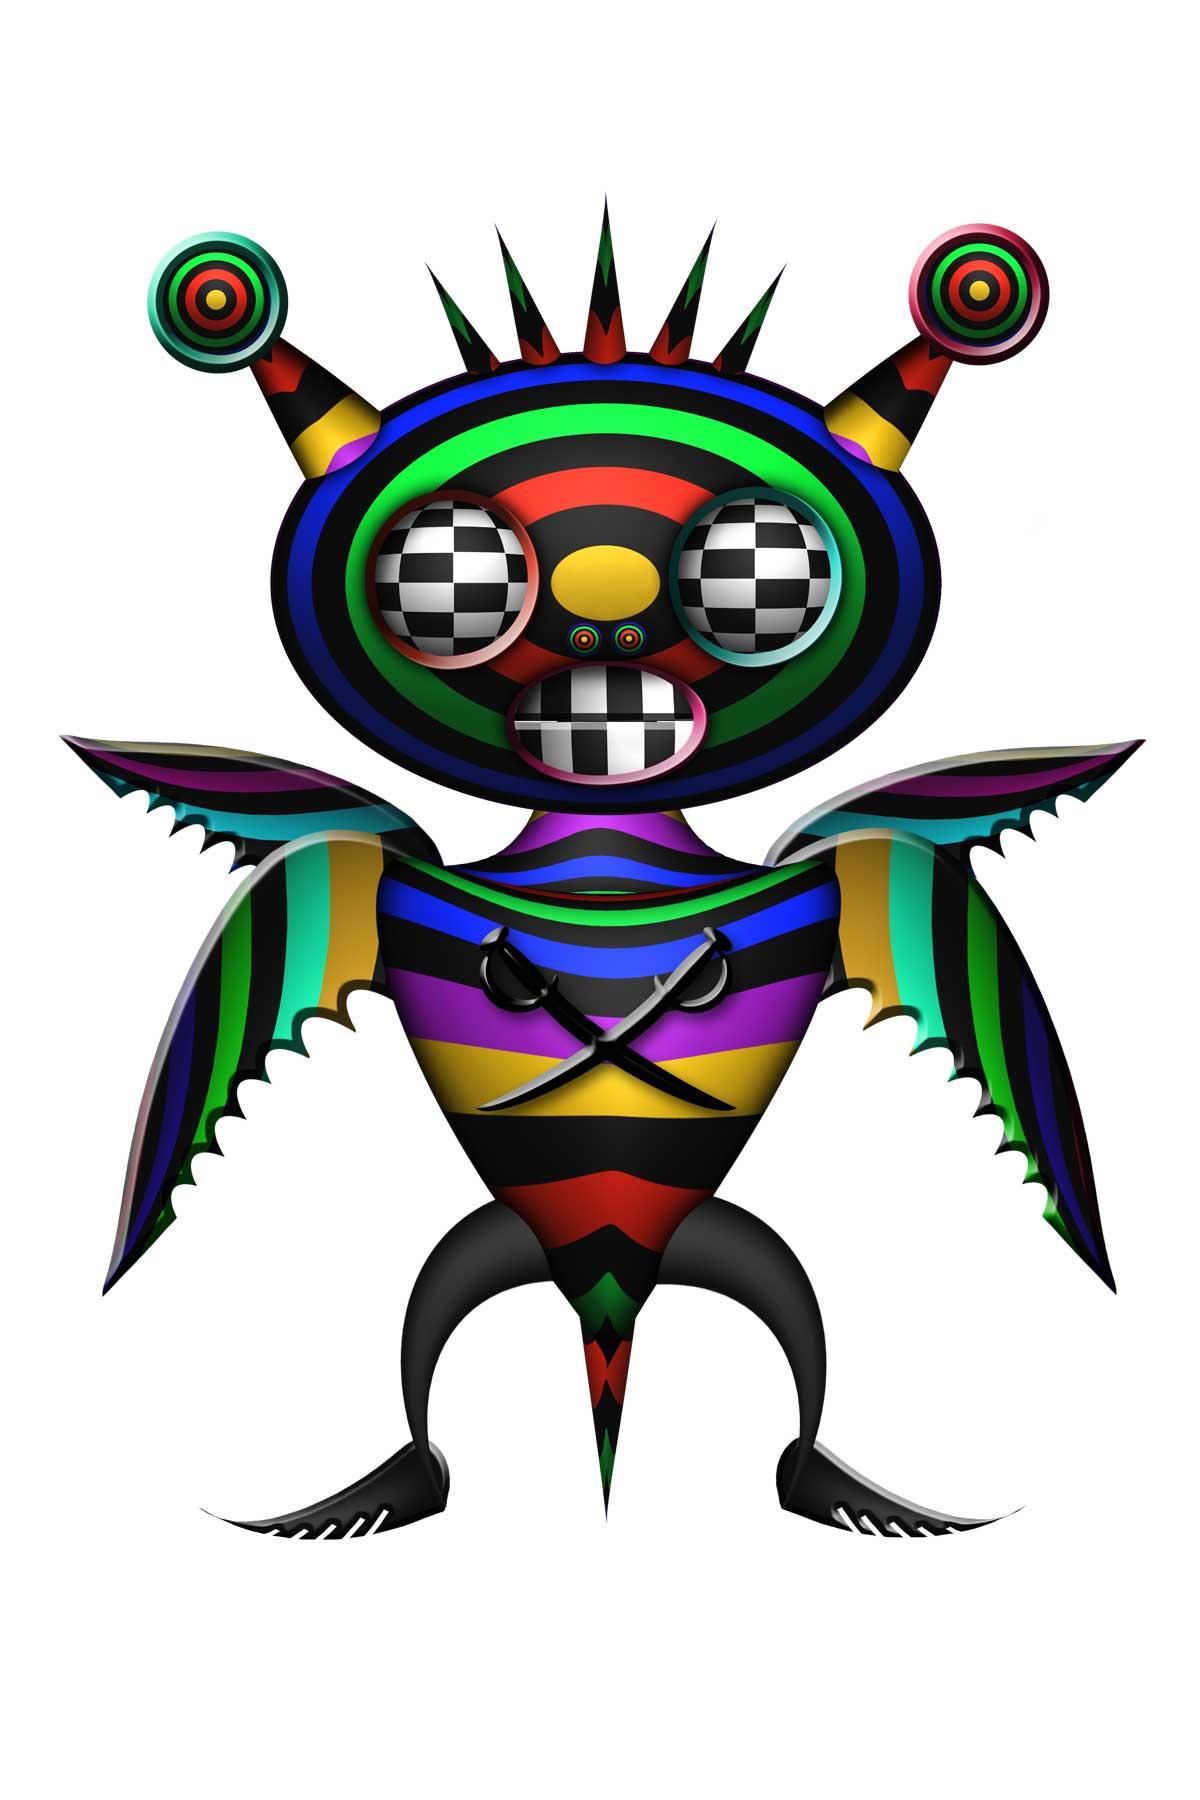 killer-bee-resize-20.jpg